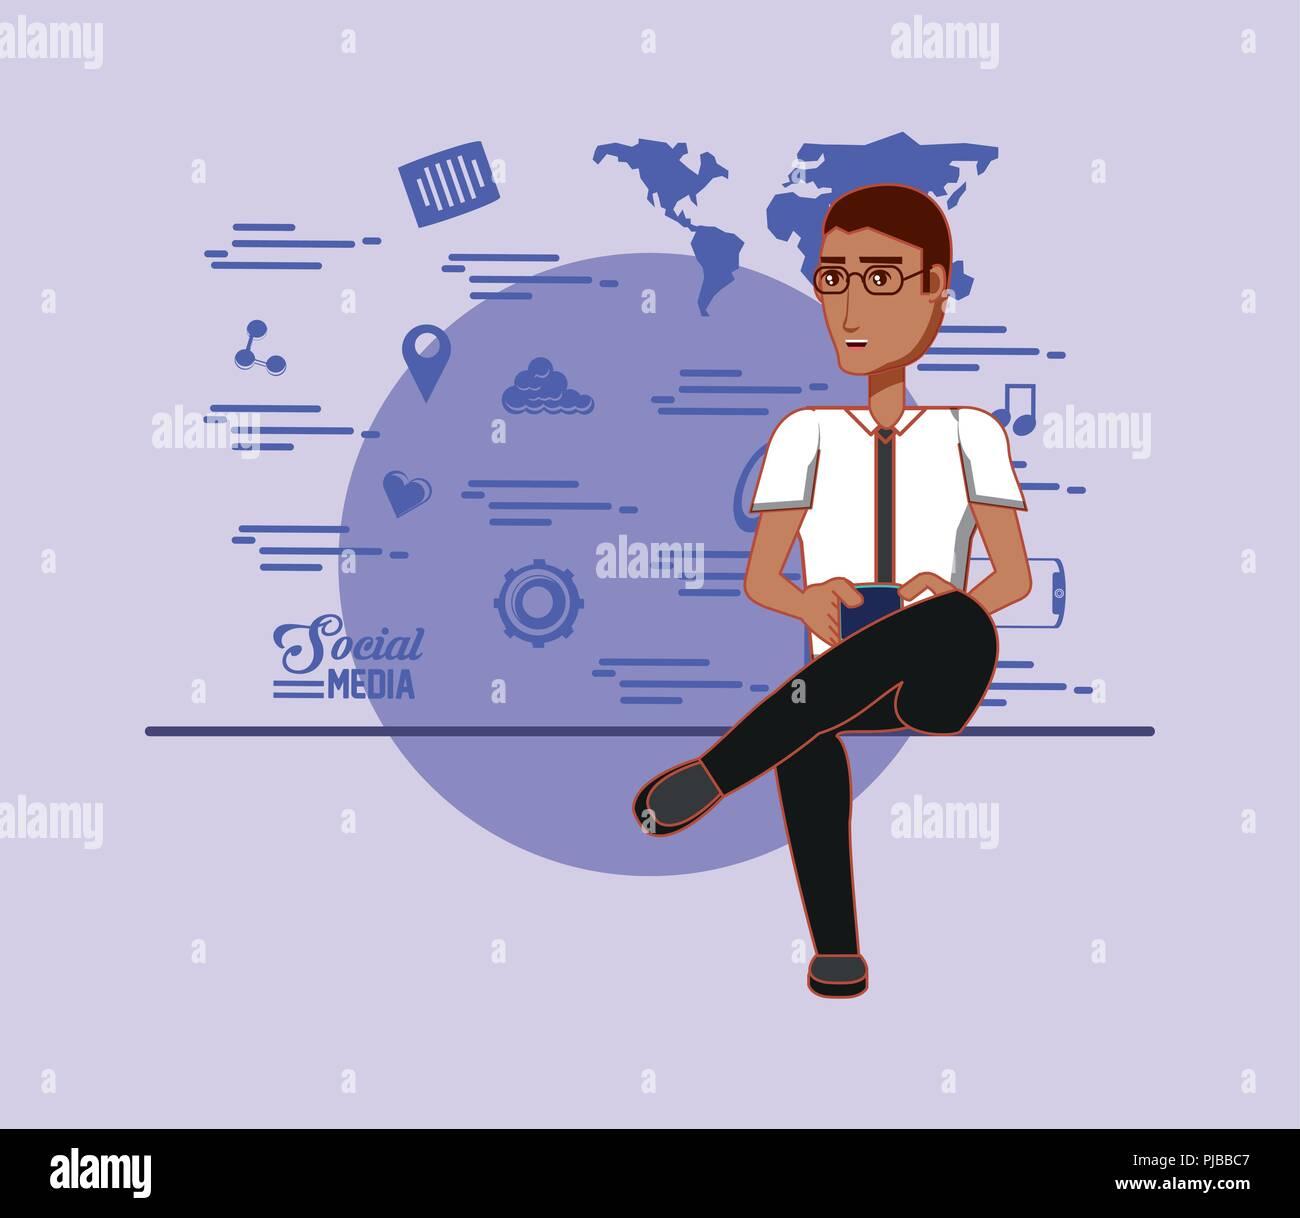 El hombre posee smartphone y aplicaciones de medios sociales ilustración vectorial Imagen De Stock